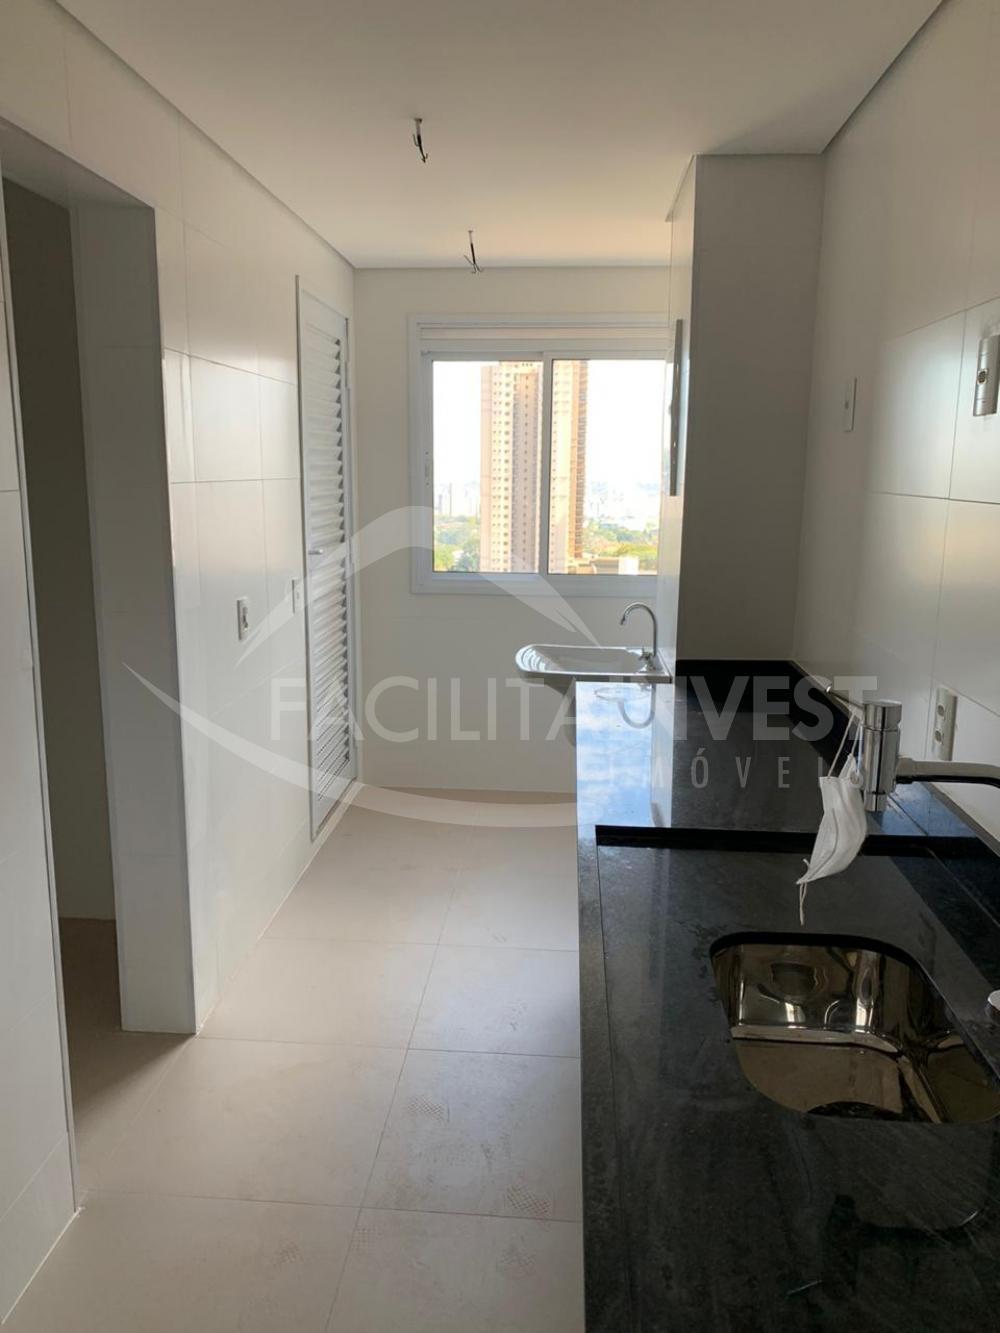 Comprar Apartamentos / Apart. Padrão em Ribeirão Preto apenas R$ 630.000,00 - Foto 9